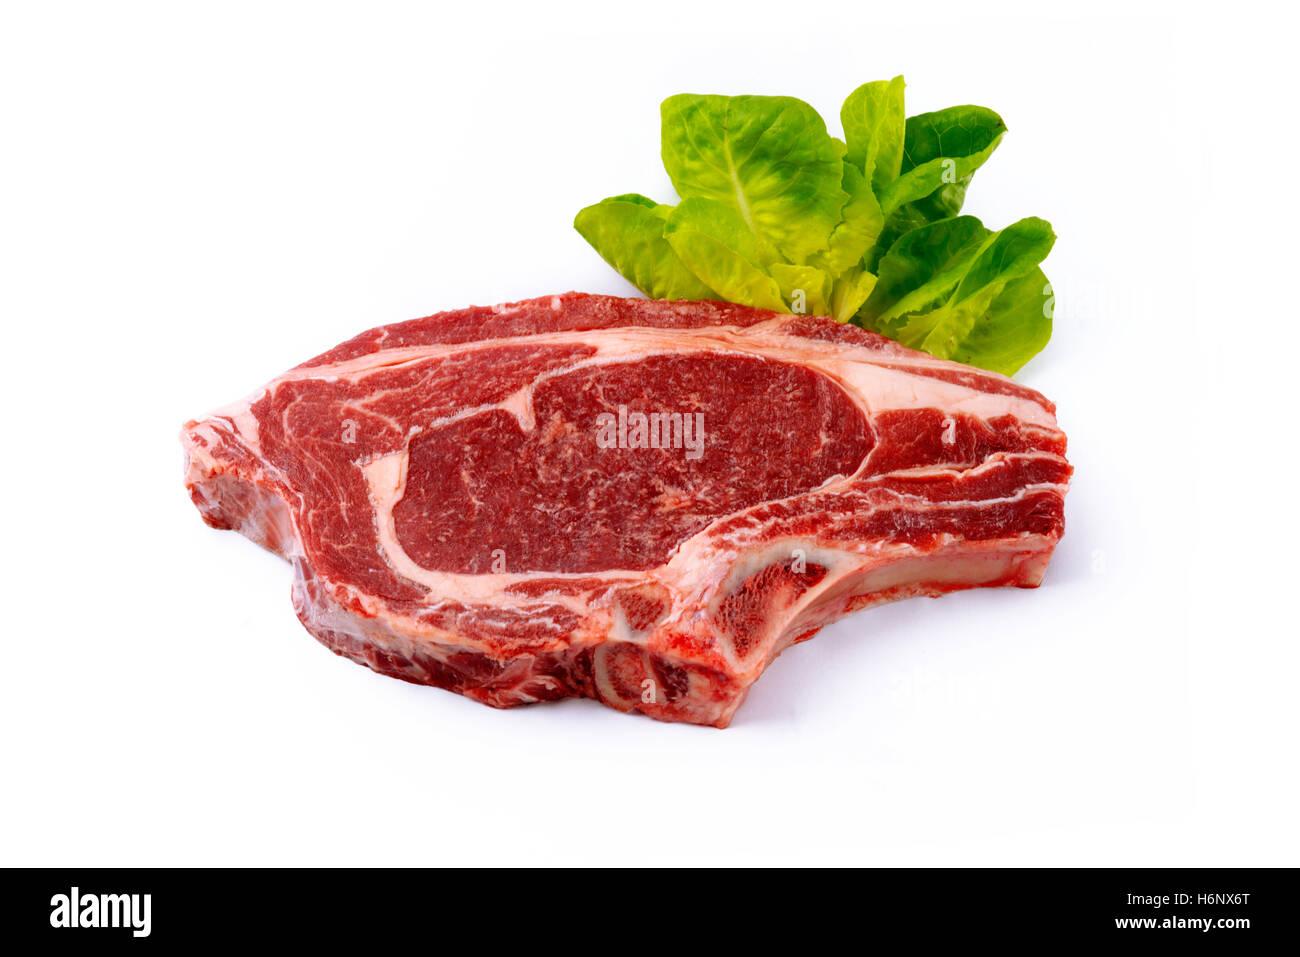 De succulents steaks tendres avec laitue biologique isolé sur un fond blanc lumineux avec place pour le texte Photo Stock